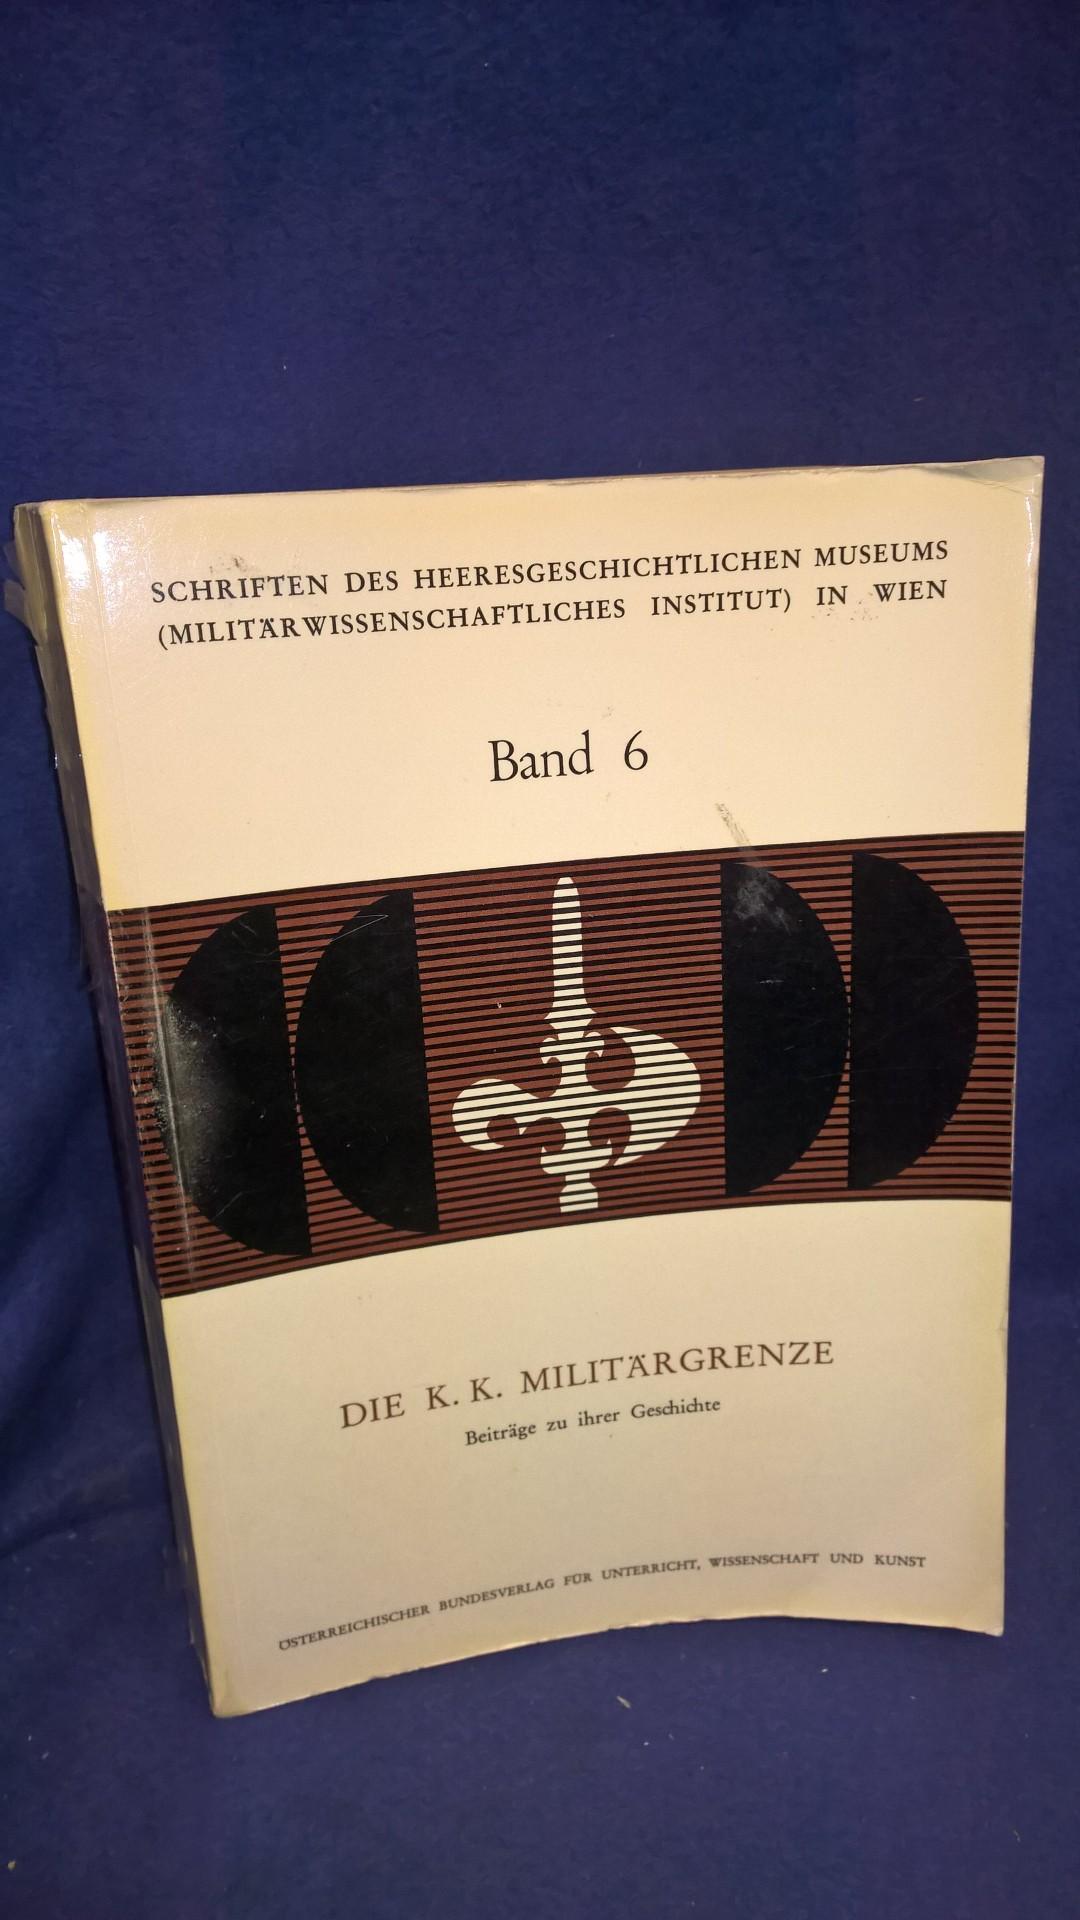 Schriften des Heeresgeschichtlichen Museums in Wien Band 6: Die K. K. Militärgrenze. Beiträge zu ihrer Geschichte.